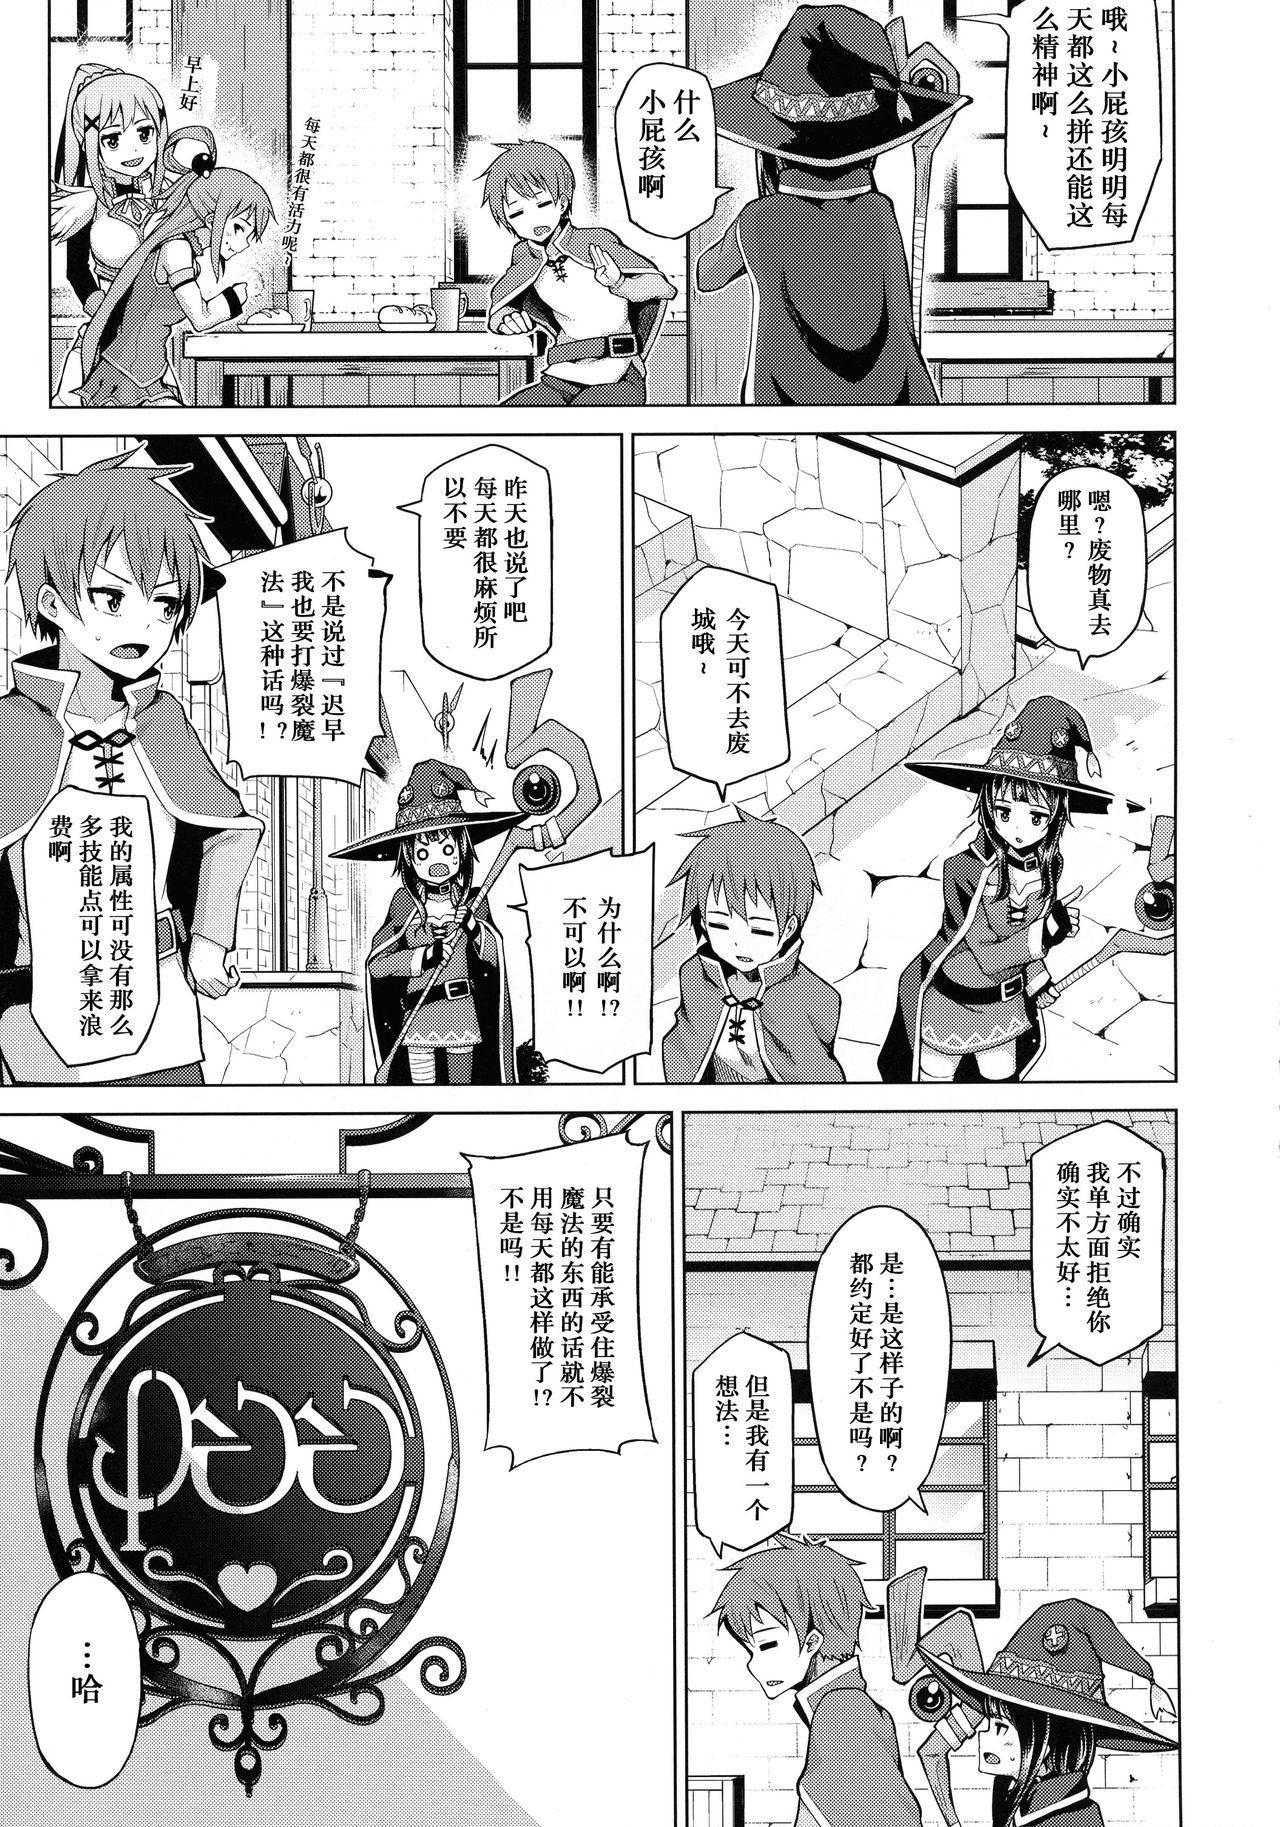 Kono Bakuretsu Musume ni Ecstasy o! 6